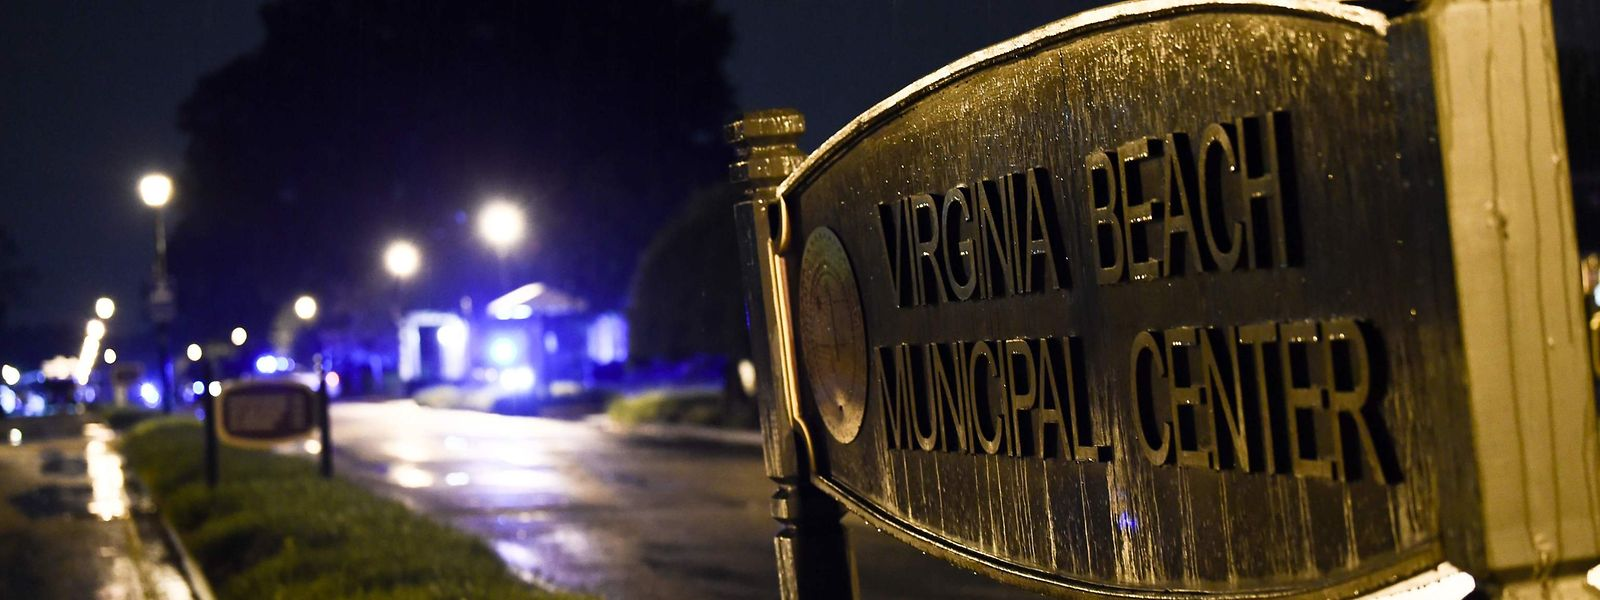 In der Stadtverwaltung von Virginia Beach hat ein Mann 12 Menschen erschossen.